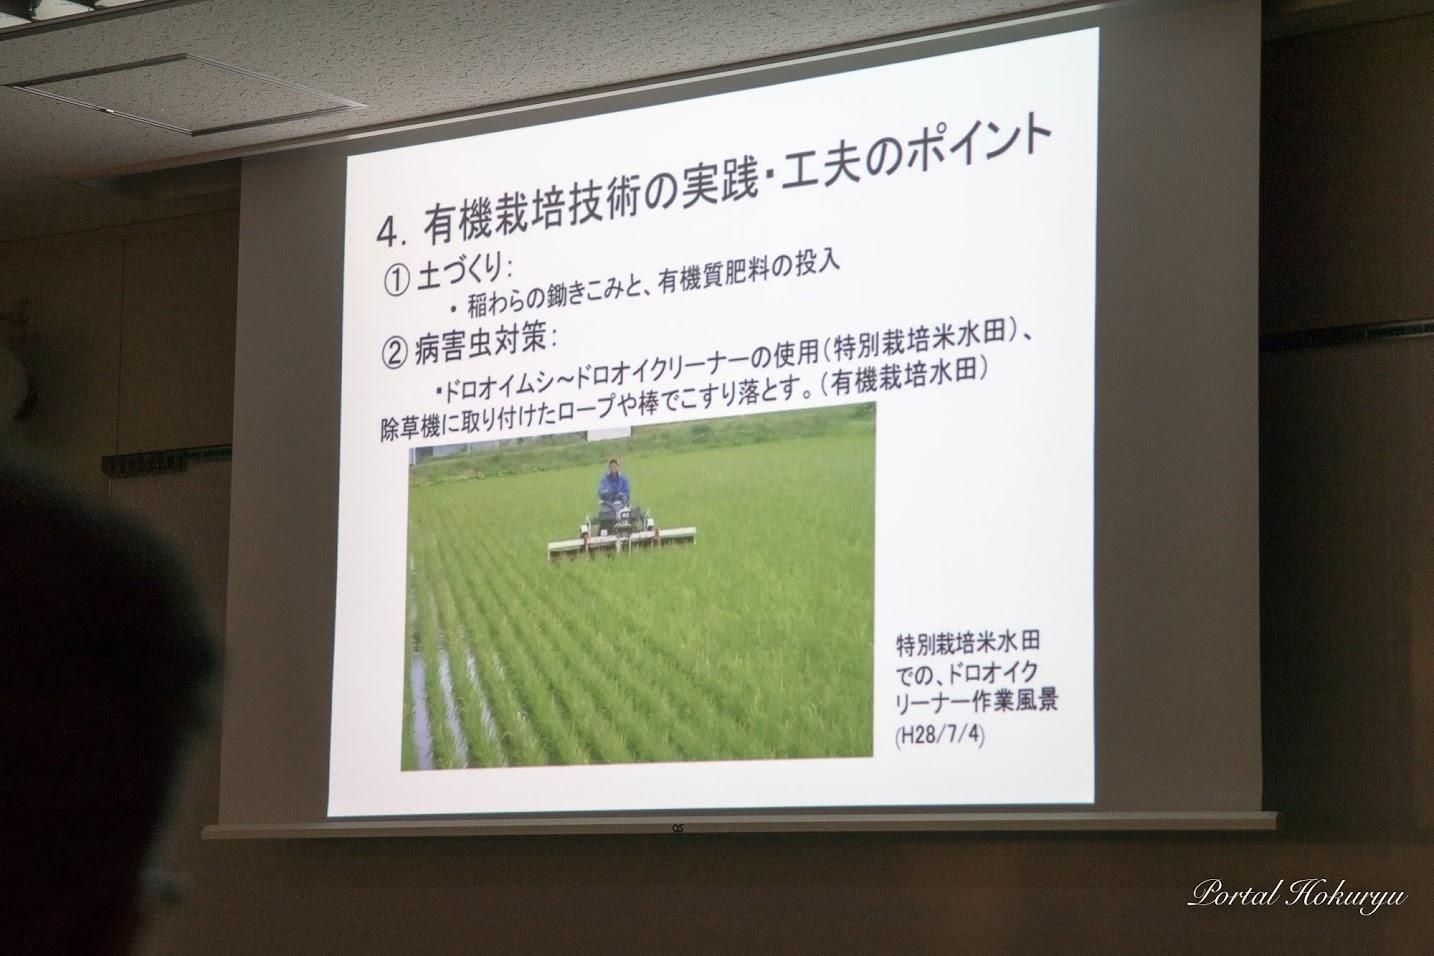 有機栽培の実践・工夫のポイント